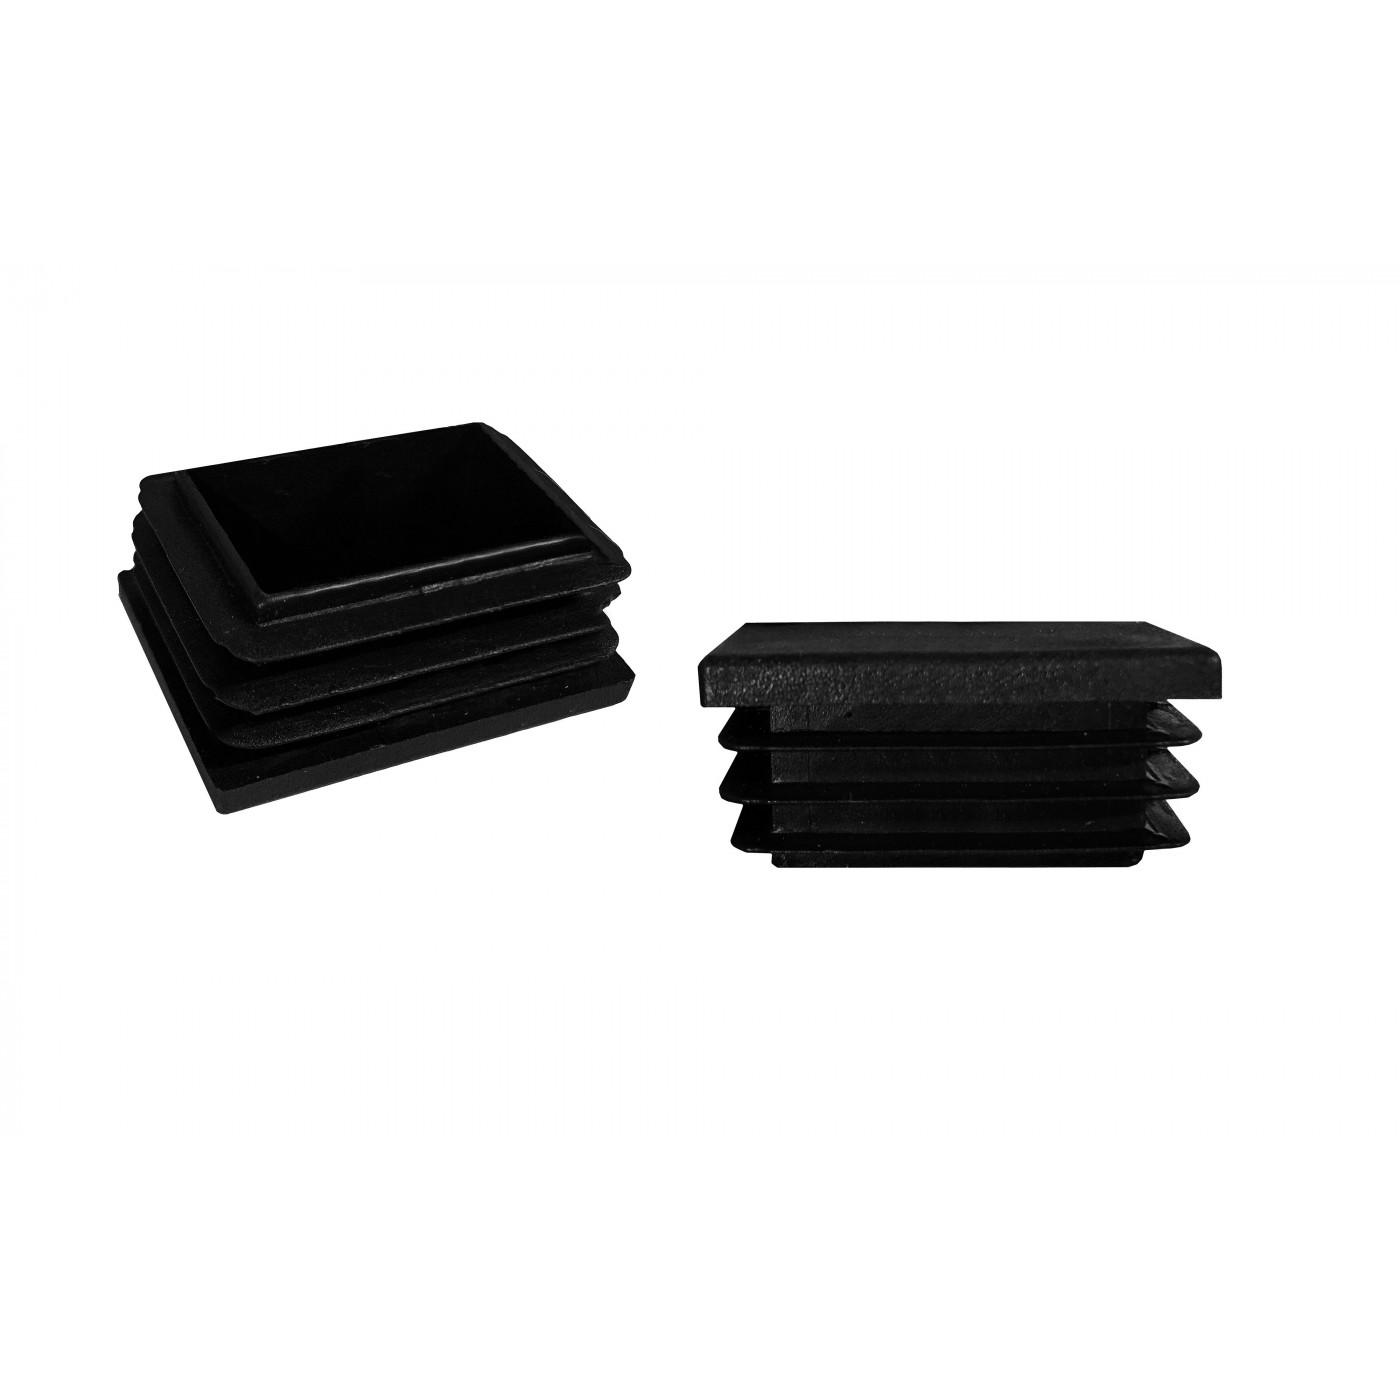 Set von 32 kunststoff Stuhlbeinkappen (Innenkappe, Rechteck, 40x80 mm, schwarz) [I-RA-40x80-B]  - 1